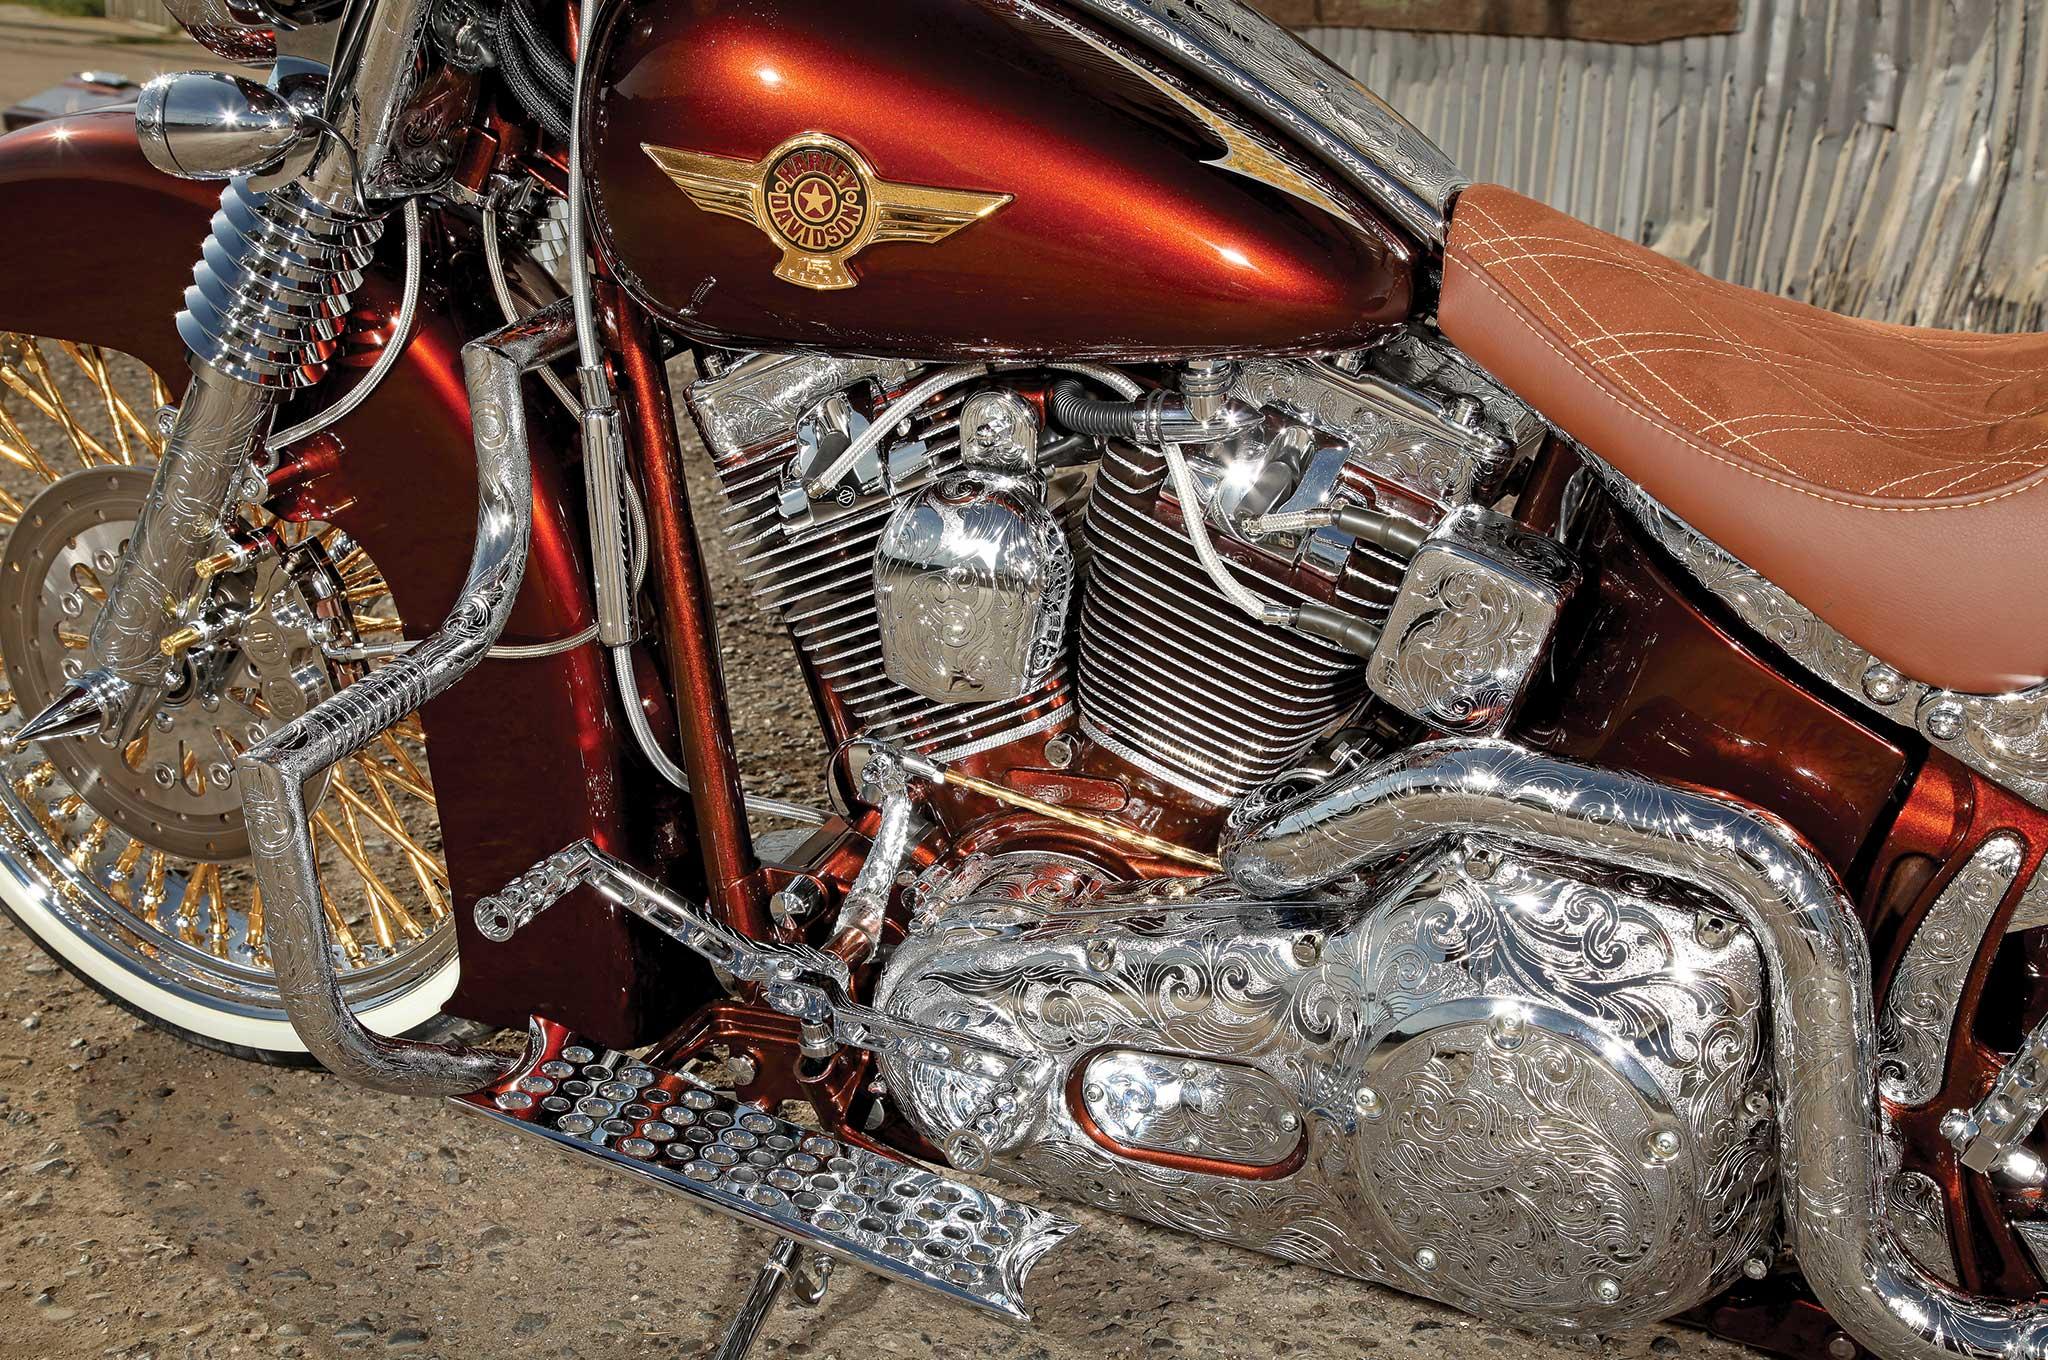 2005 harley davidson fat boy harley tc 95ci 005